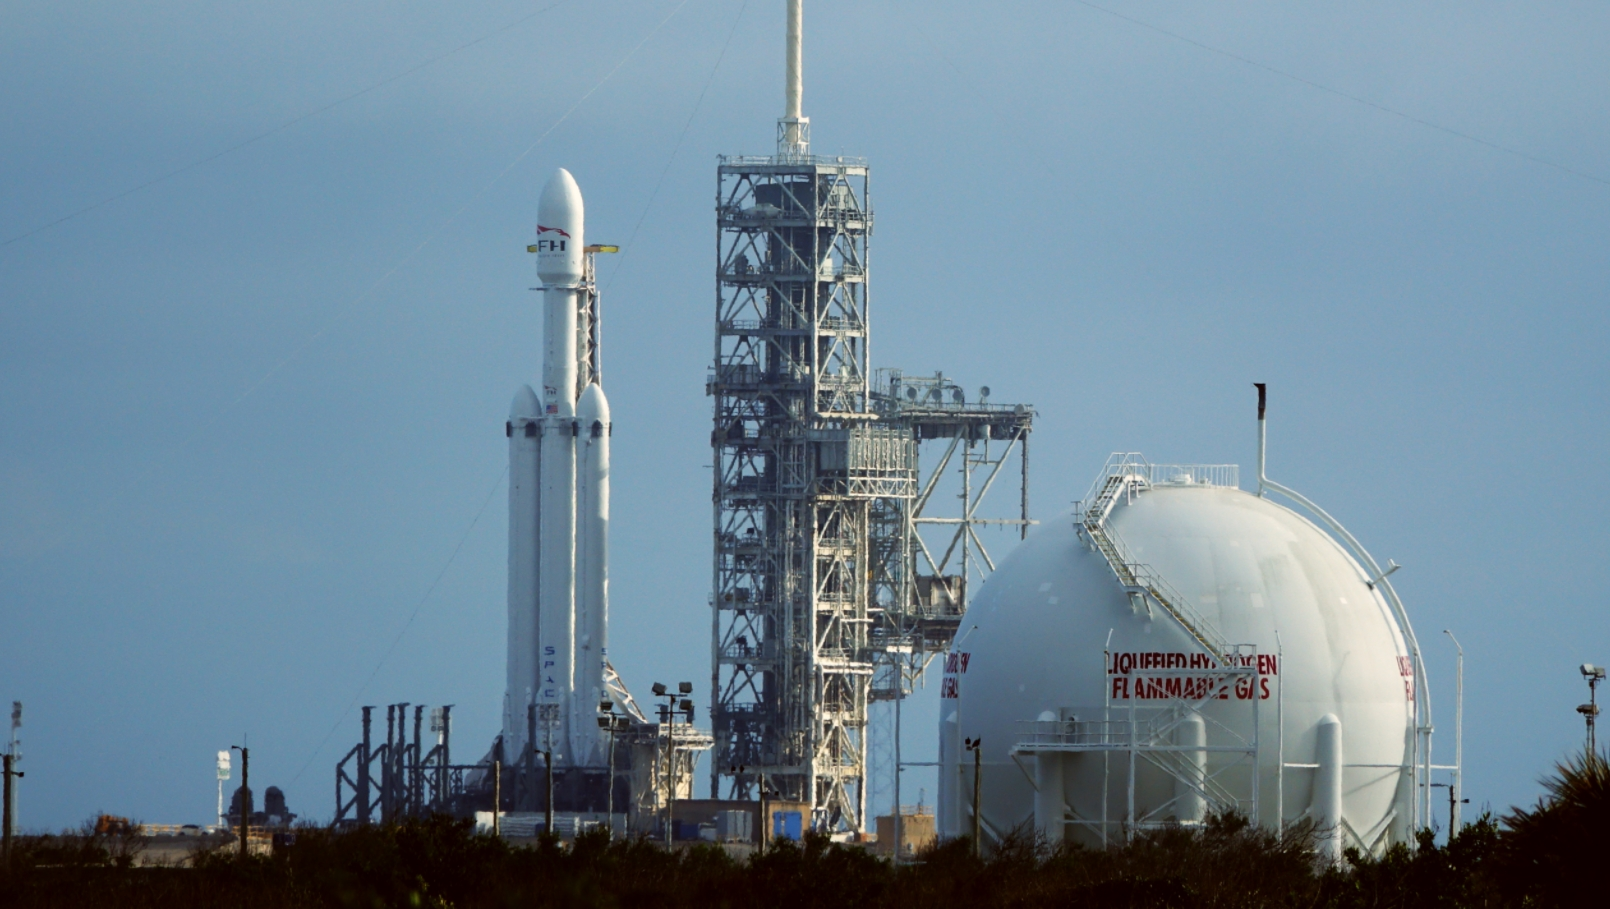 """""""Они нам не конкуренты"""", - в Роскосмосе прокомментировали недавний запуск компанией SpaceX ракеты-носителя Falcon Heavy"""